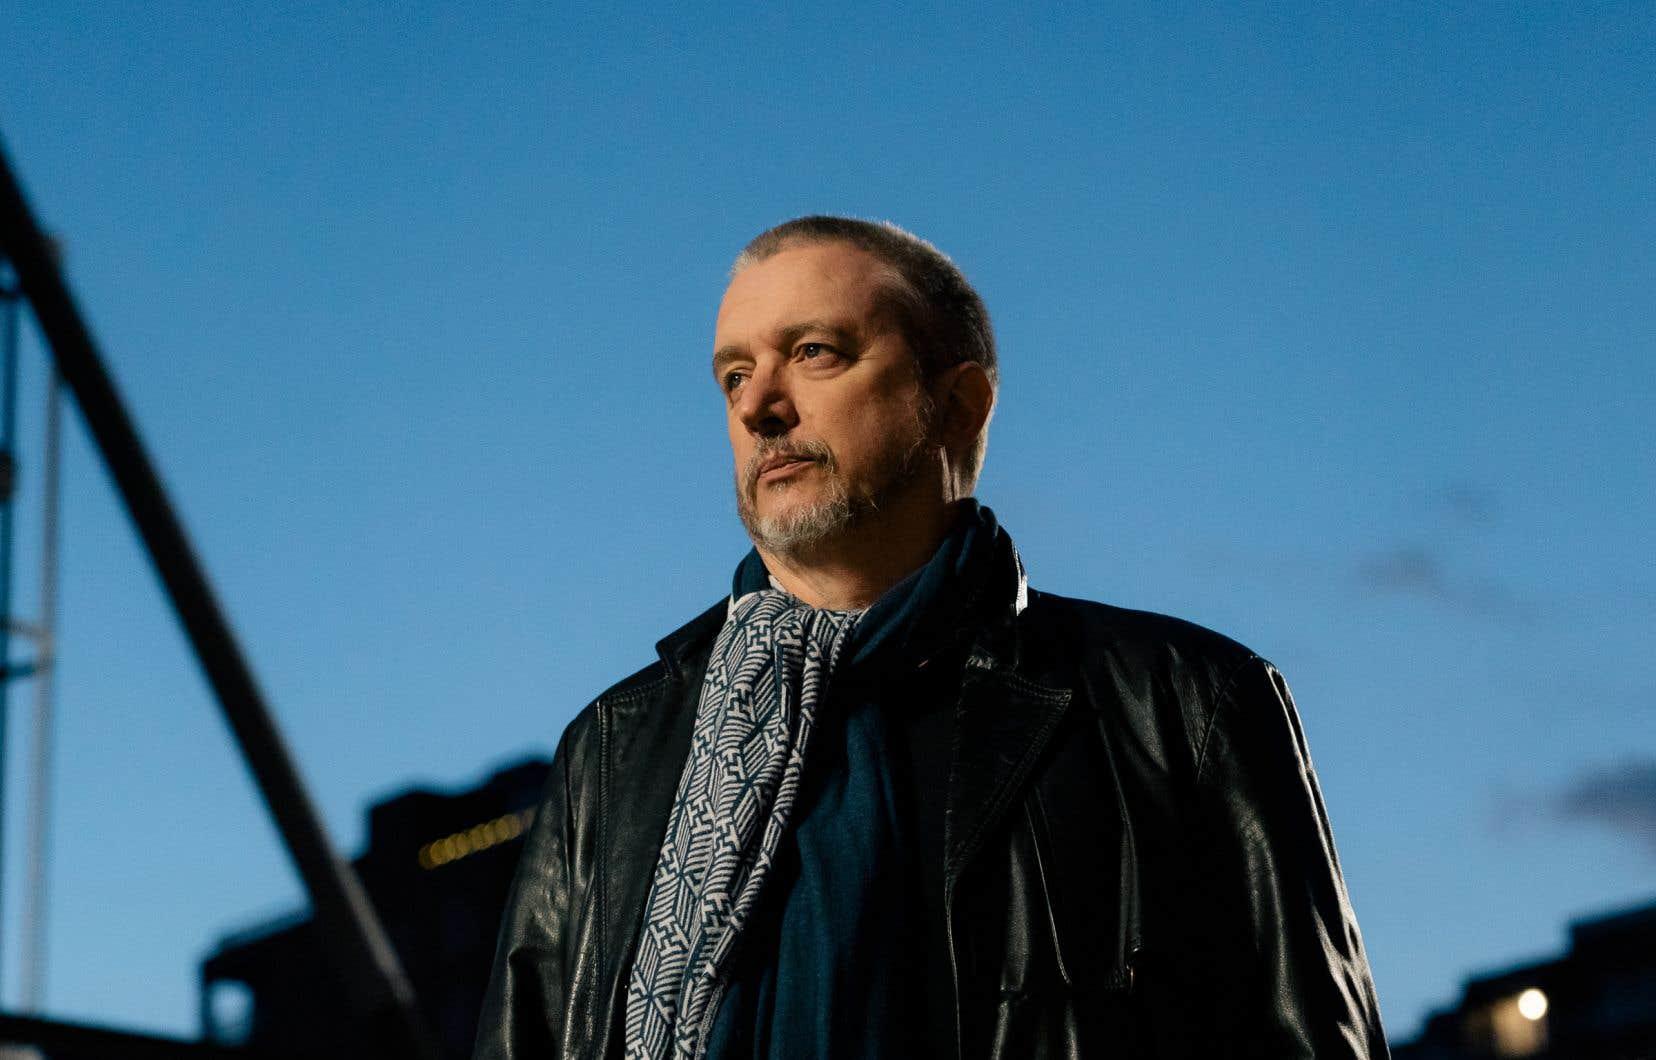 Le chanteur Dan Bigras affirme qu'il cessera de produire des albums.